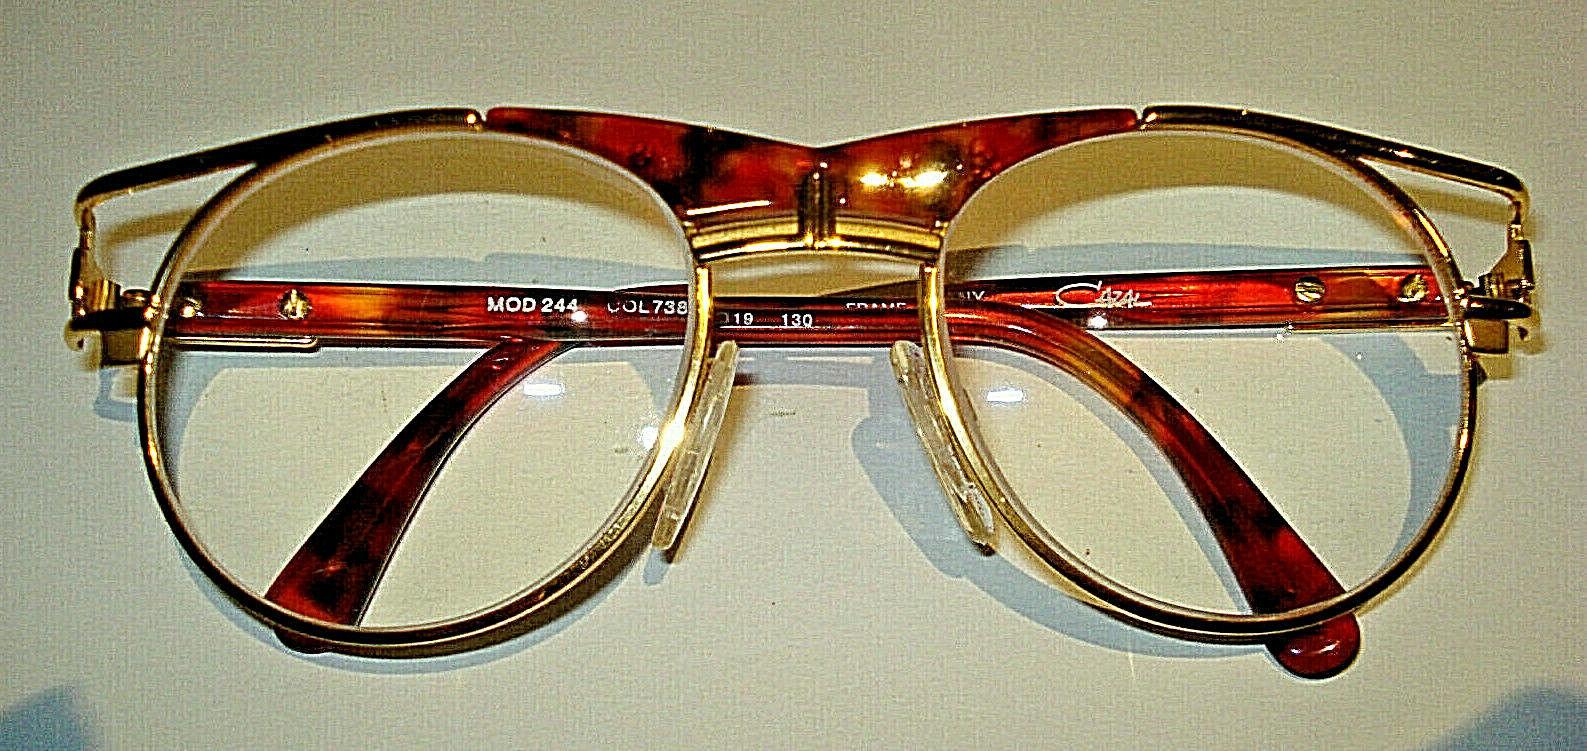 CAZAL Modell 244 Brillengestell Design Vintage gut erhalten Brille